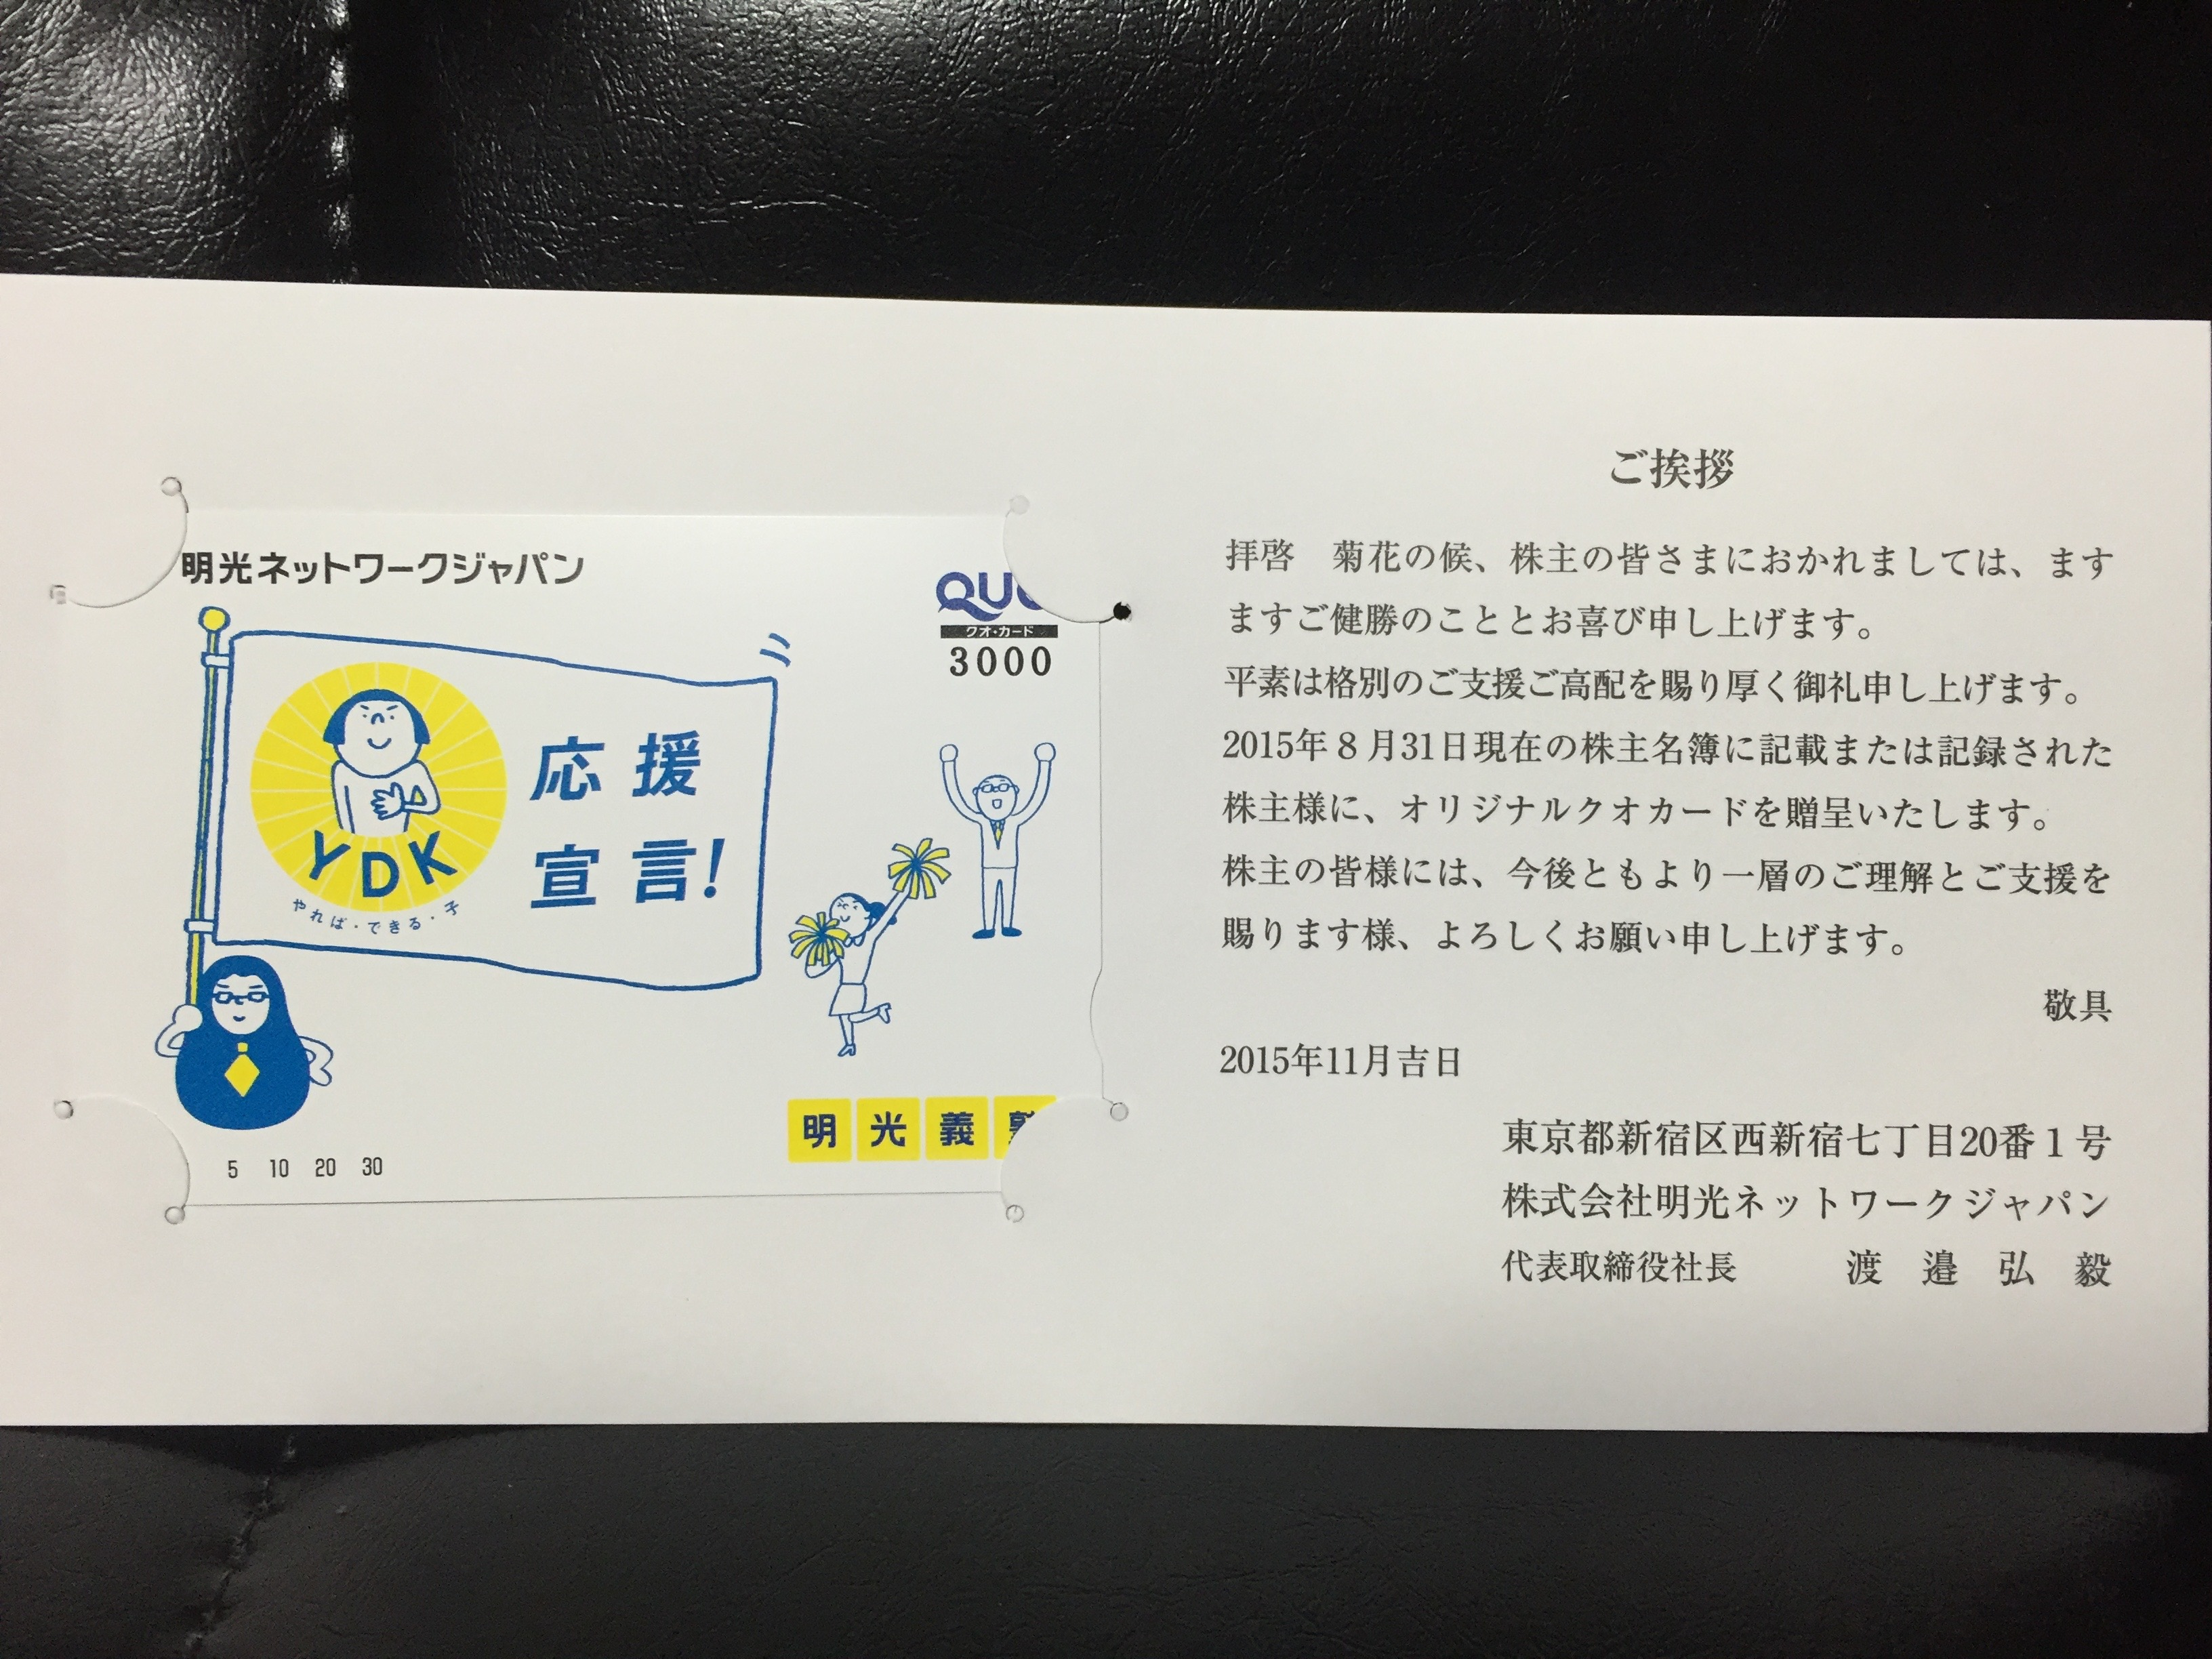 明光ネットワークジャパン 株主優待 2015 1